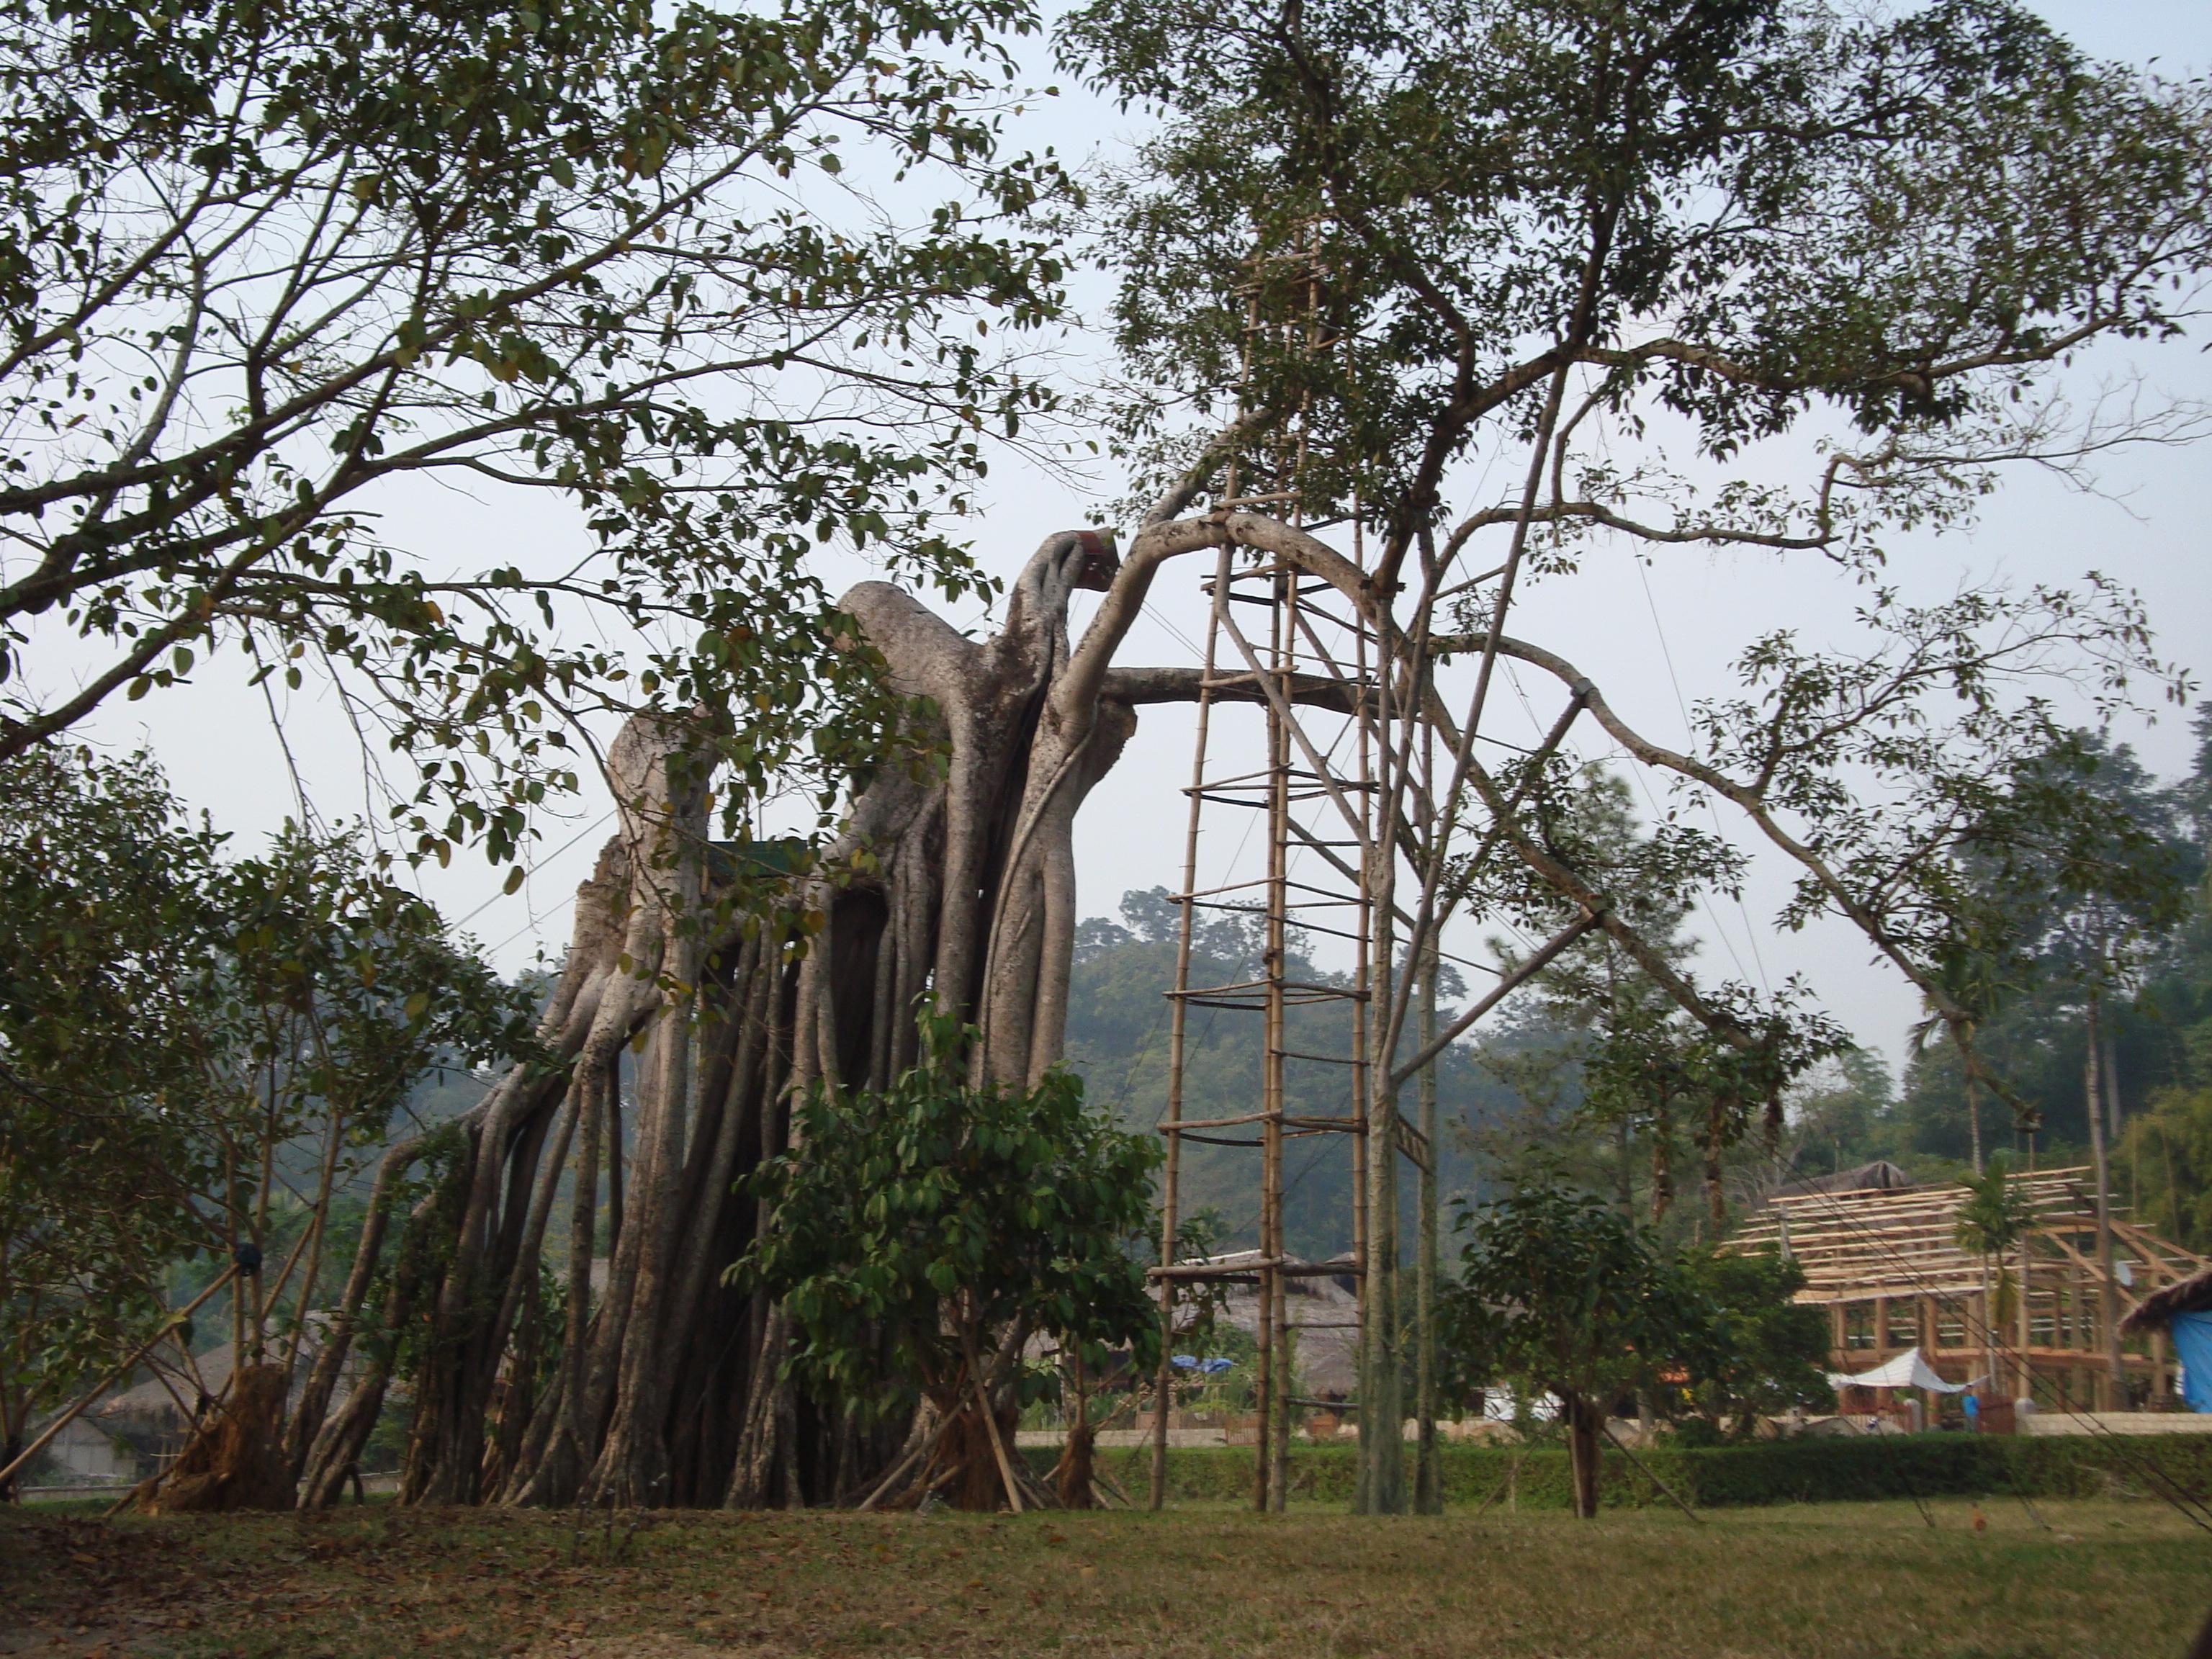 Chiến khu Tân Trào – Wikipedia tiếng Việt